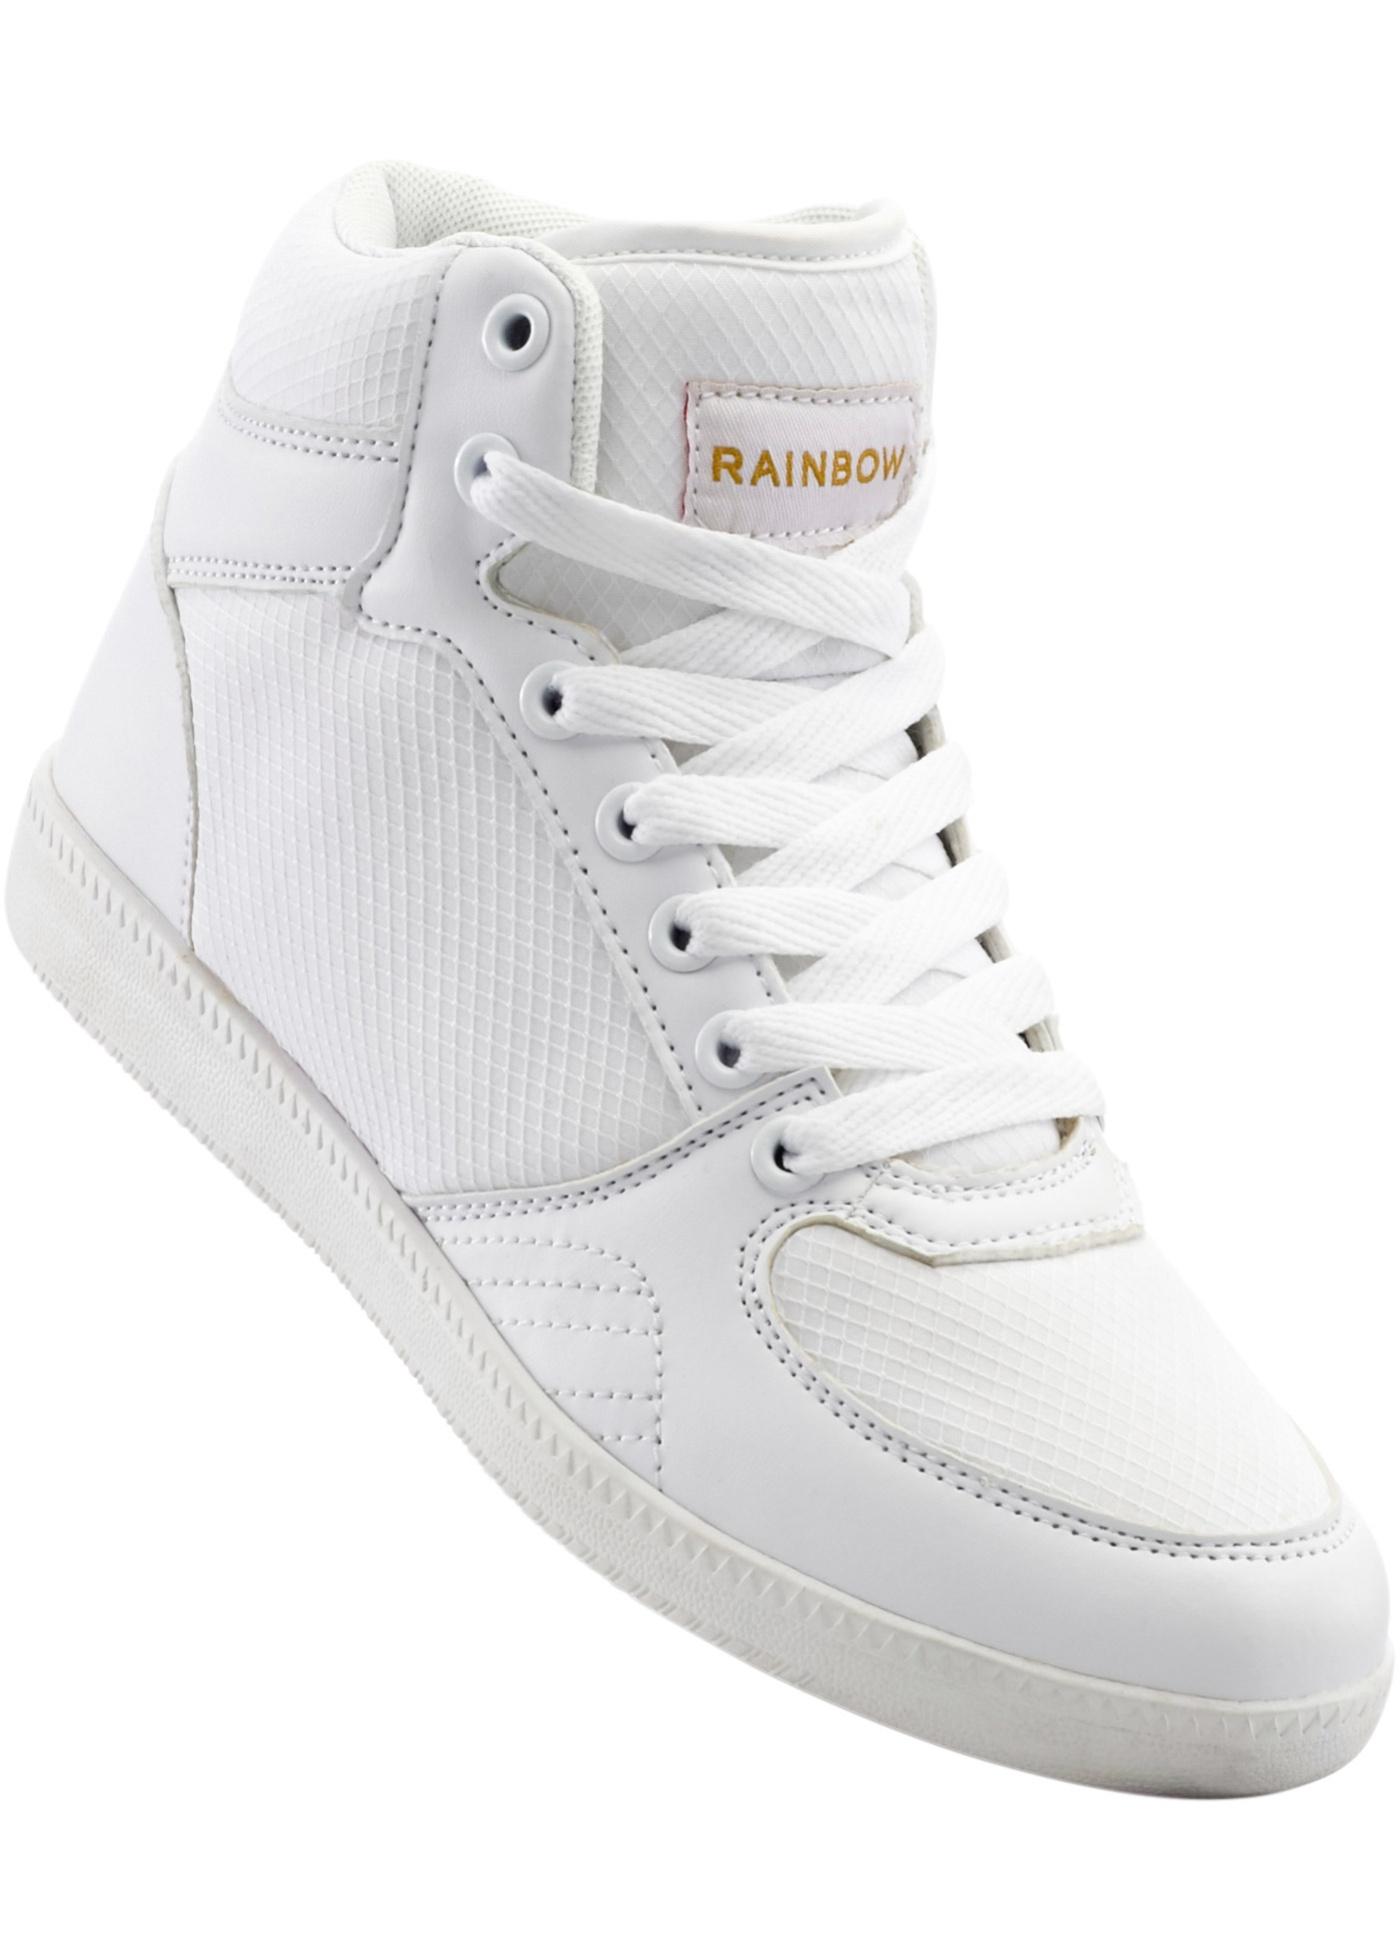 Sportovni vychazkova obuv panska bila levně  1dd827ff826